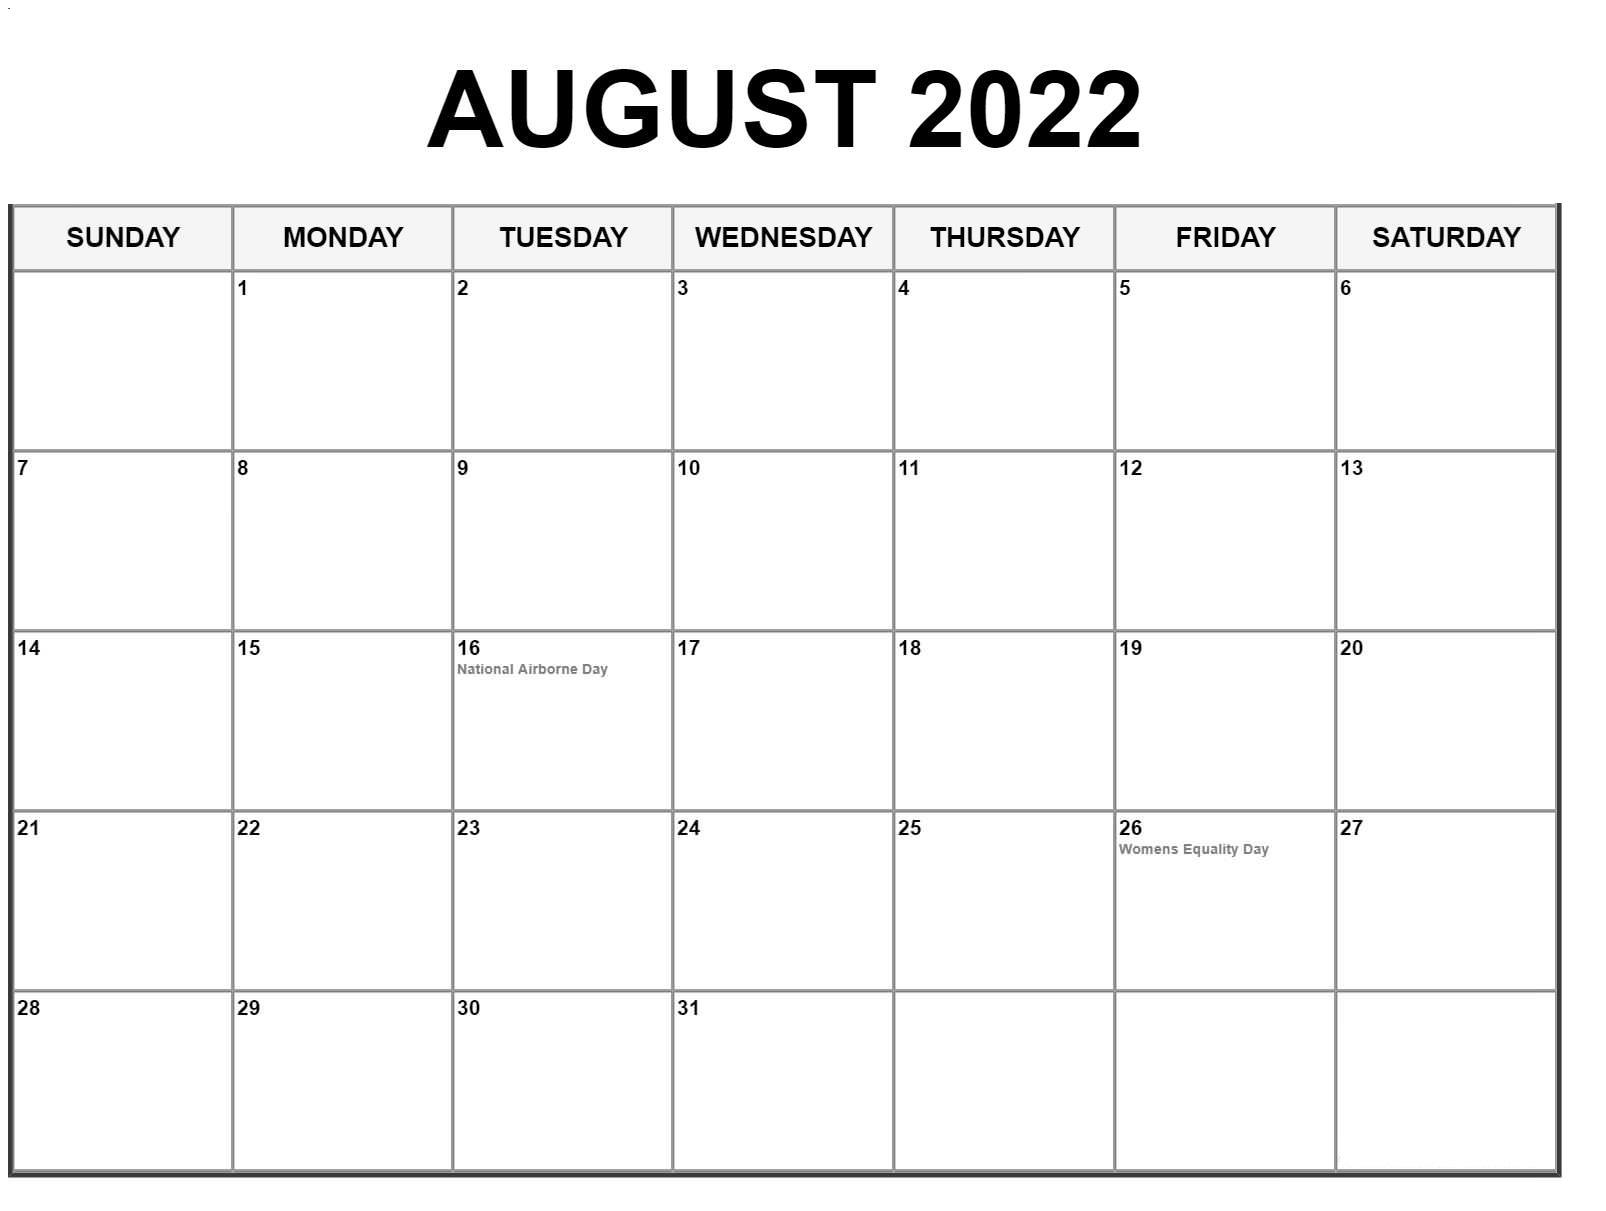 Frei August 2022 Kalender Ausdrucken